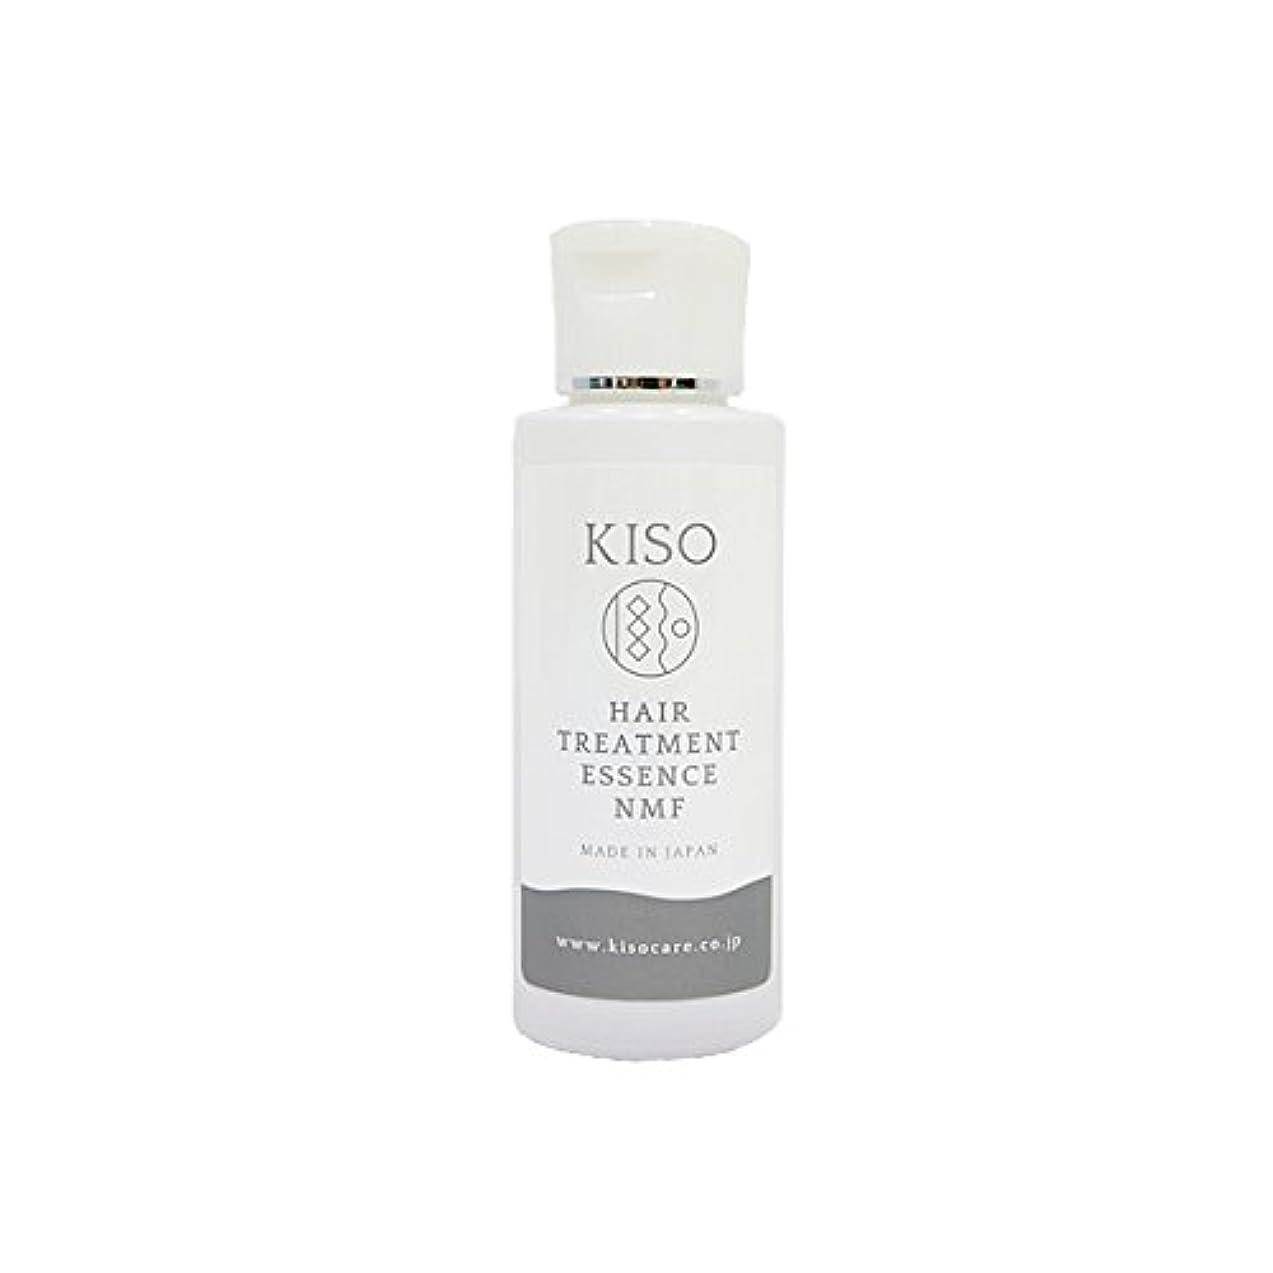 測る時々合理的KISO 水鳥ケラチン ツルサラ髪の素 【ヘアートリートメントエッセンスNMF 60mL】トリートメントの素?天然保湿因子